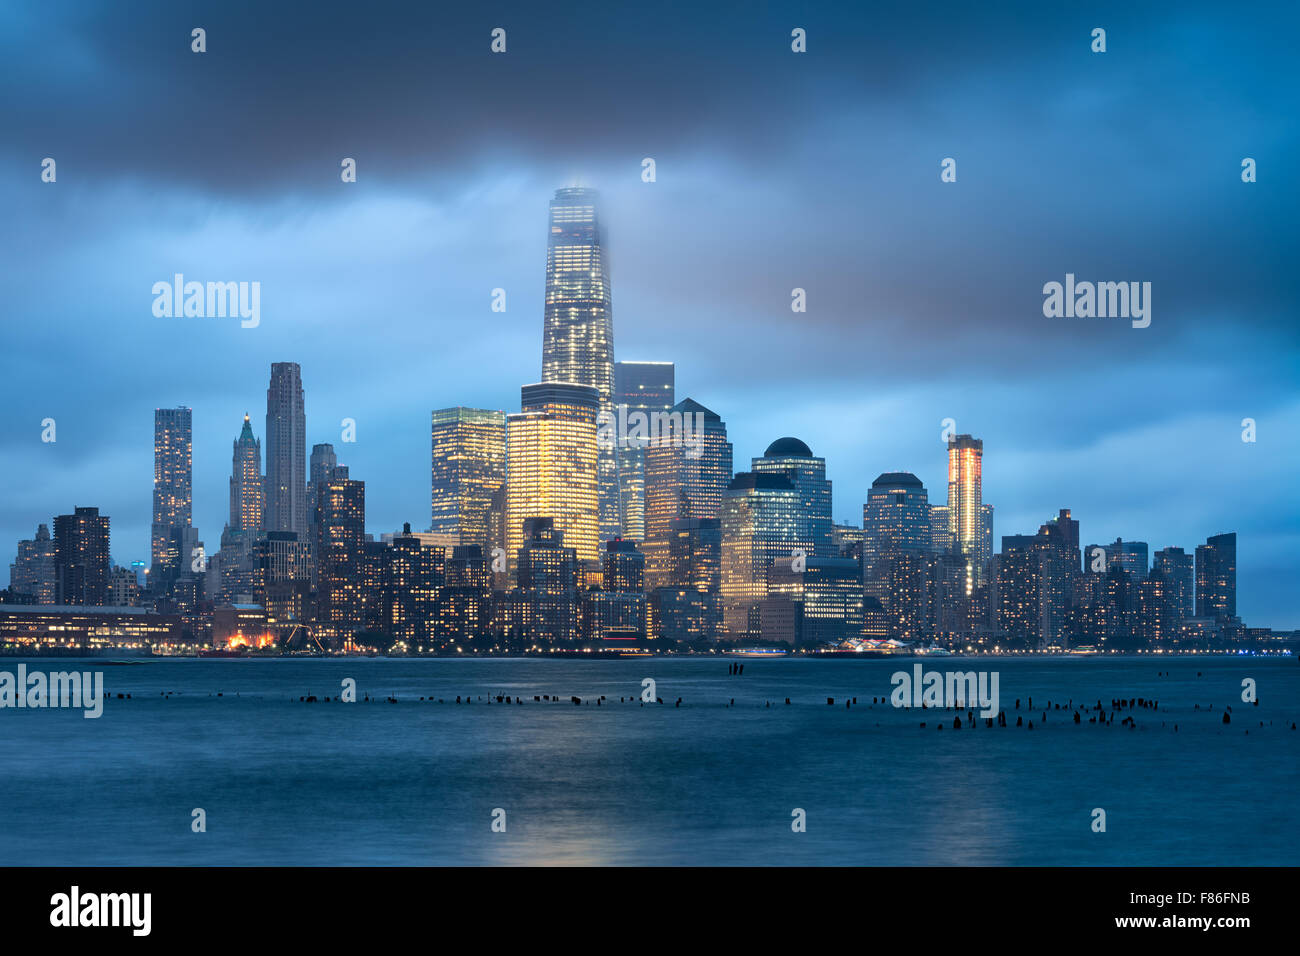 La parte inferiore di Manhattan e il distretto finanziario di grattacieli illuminati con nuvole temporalesche, New Immagini Stock